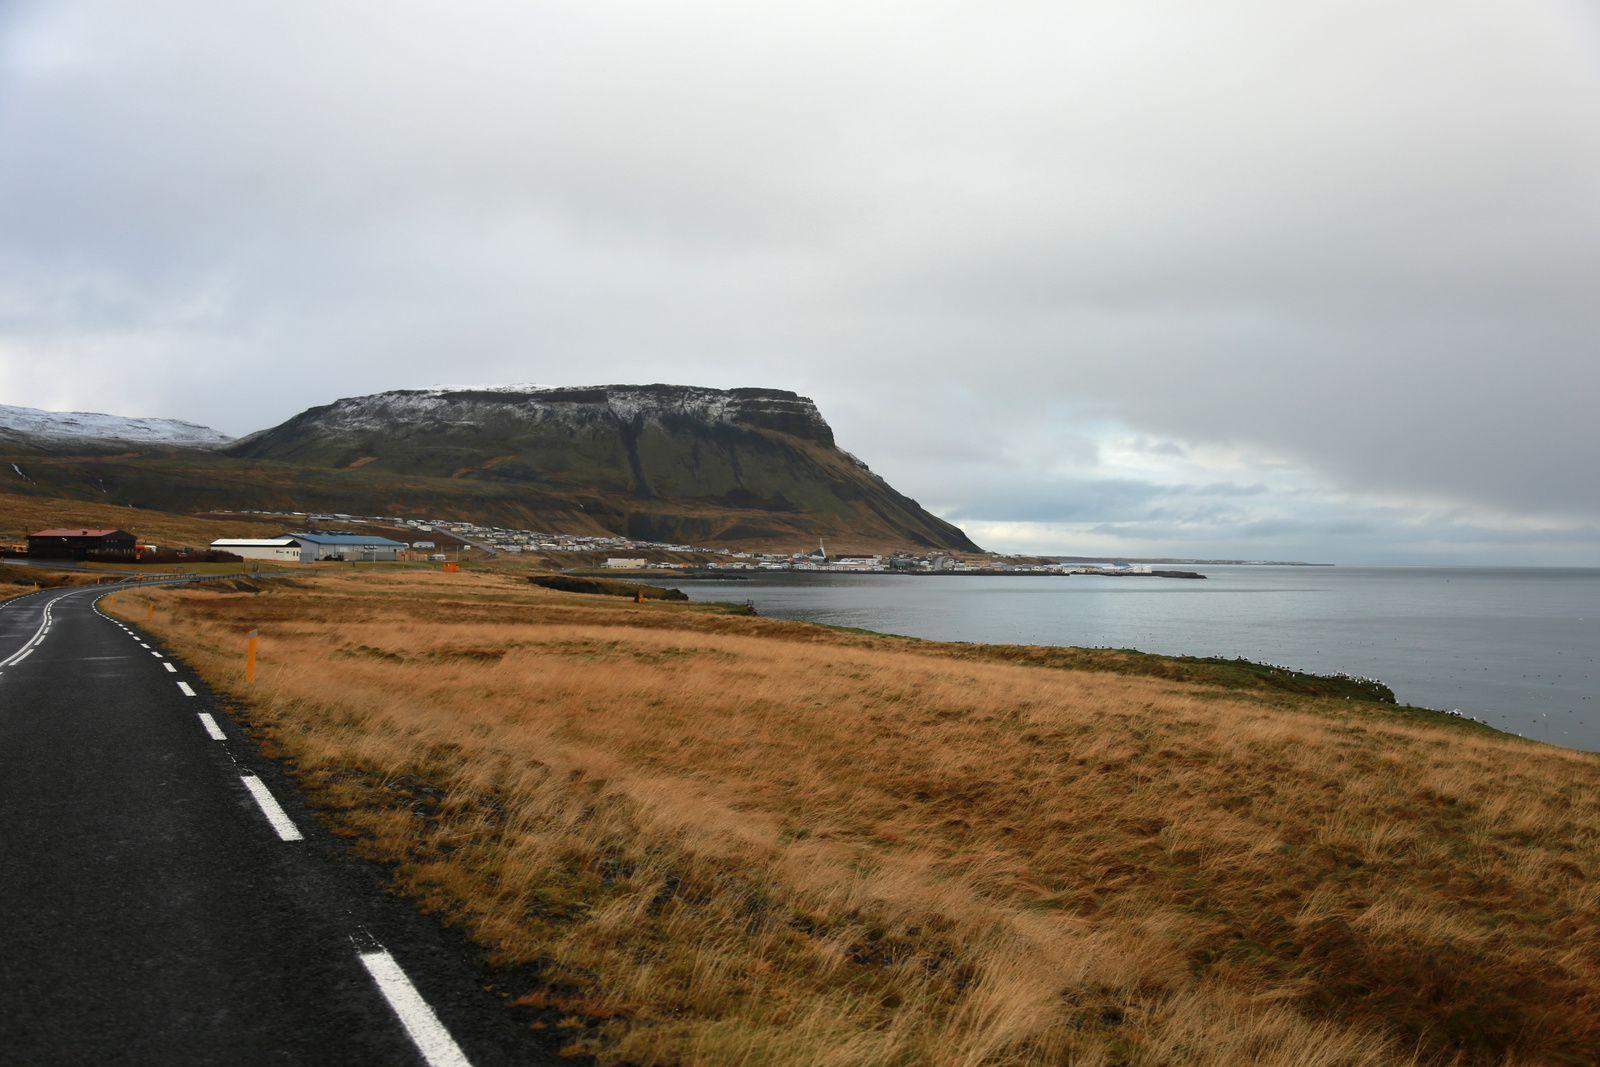 Ólafsvík, son port et son église moderne, au pied du volcan Ólafsvíkurenni - photos © Bernard Duyck 10.2016